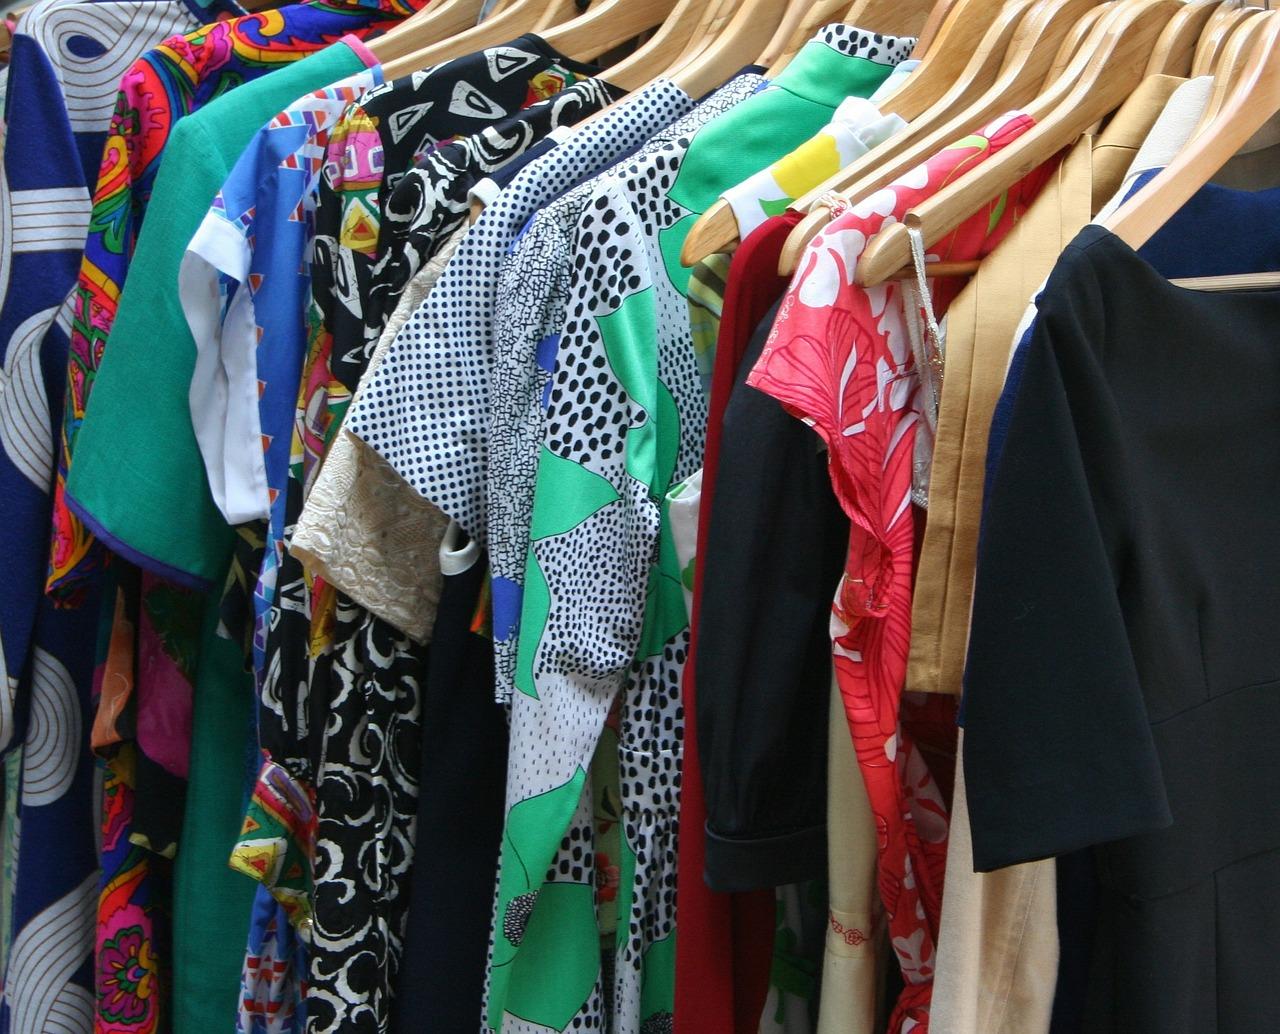 4 manières de faire de l'argent en vidant votre garde-robe